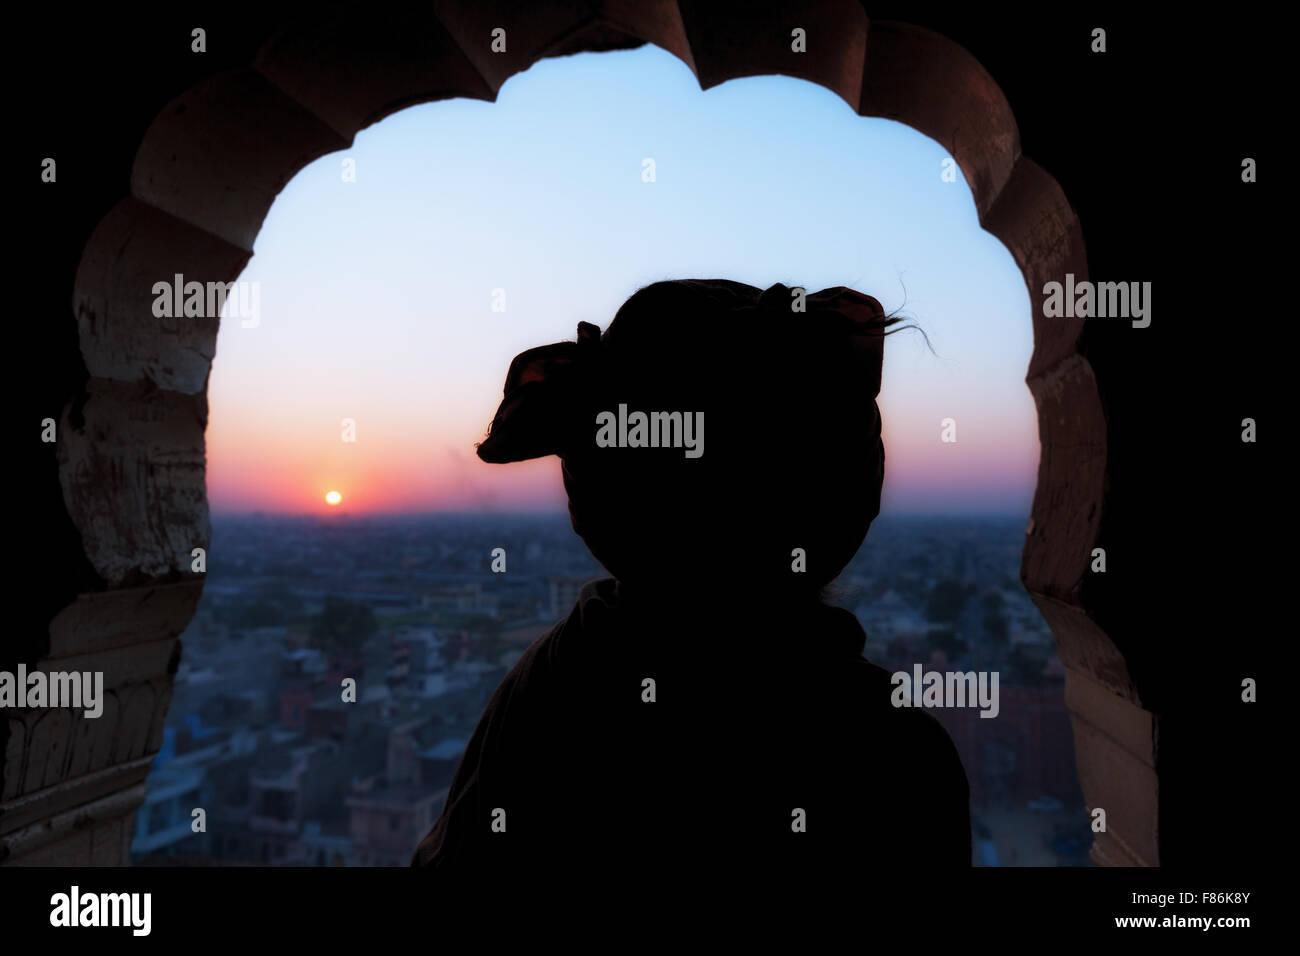 Silhouette of a Sadhu watching the sunset over Jaipur,  Galtaji, Khania-Balaji, Jaipur, Rajasthan, India - Stock Image